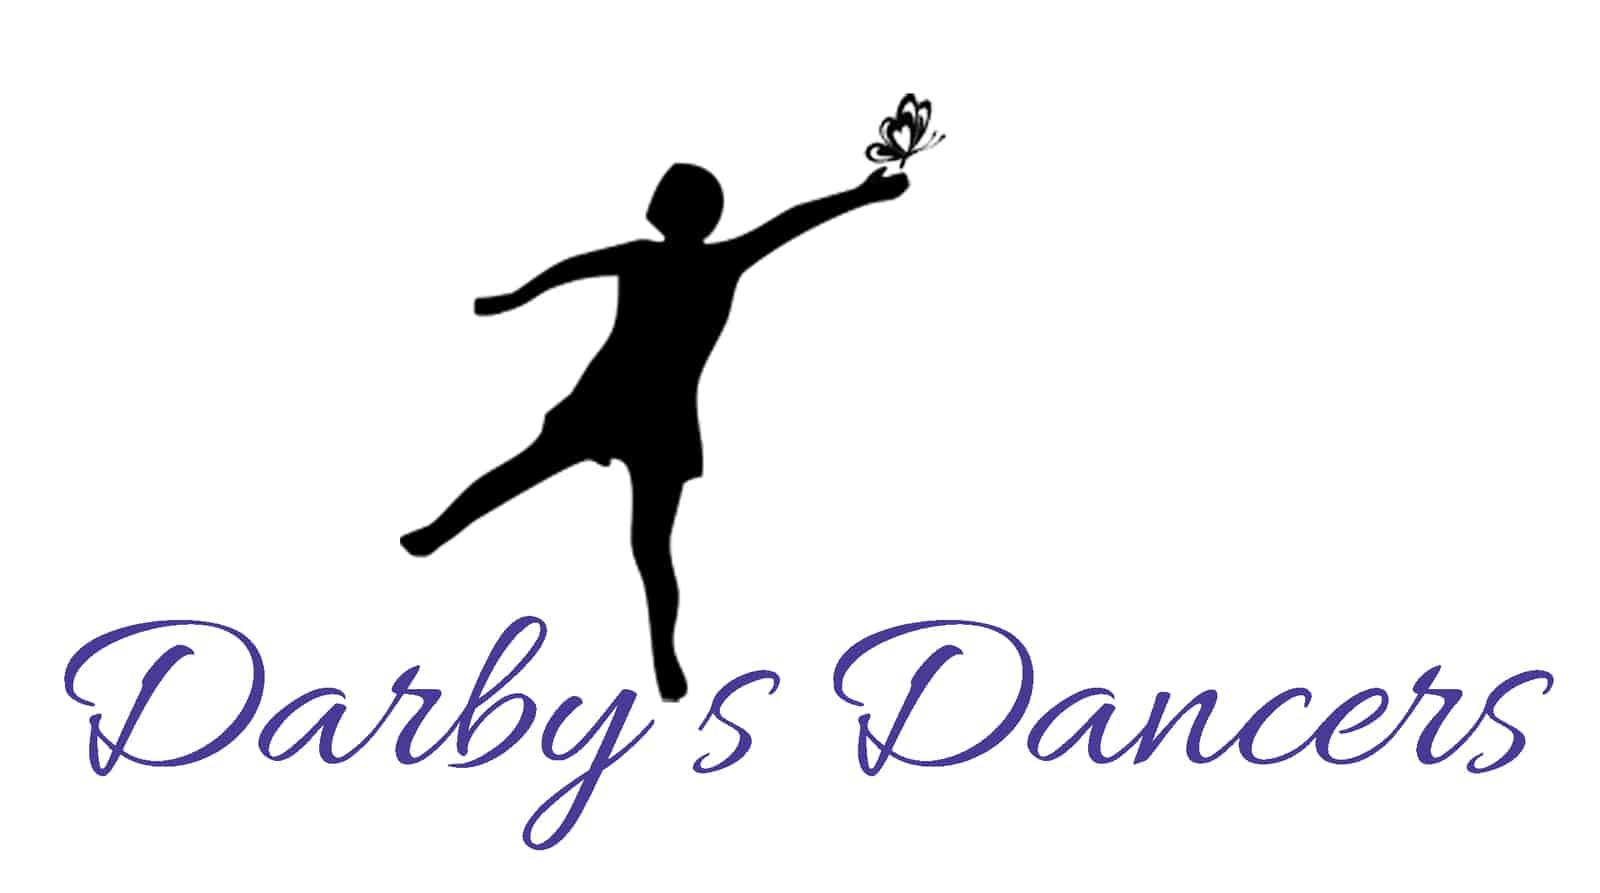 DarbysDancers-logo